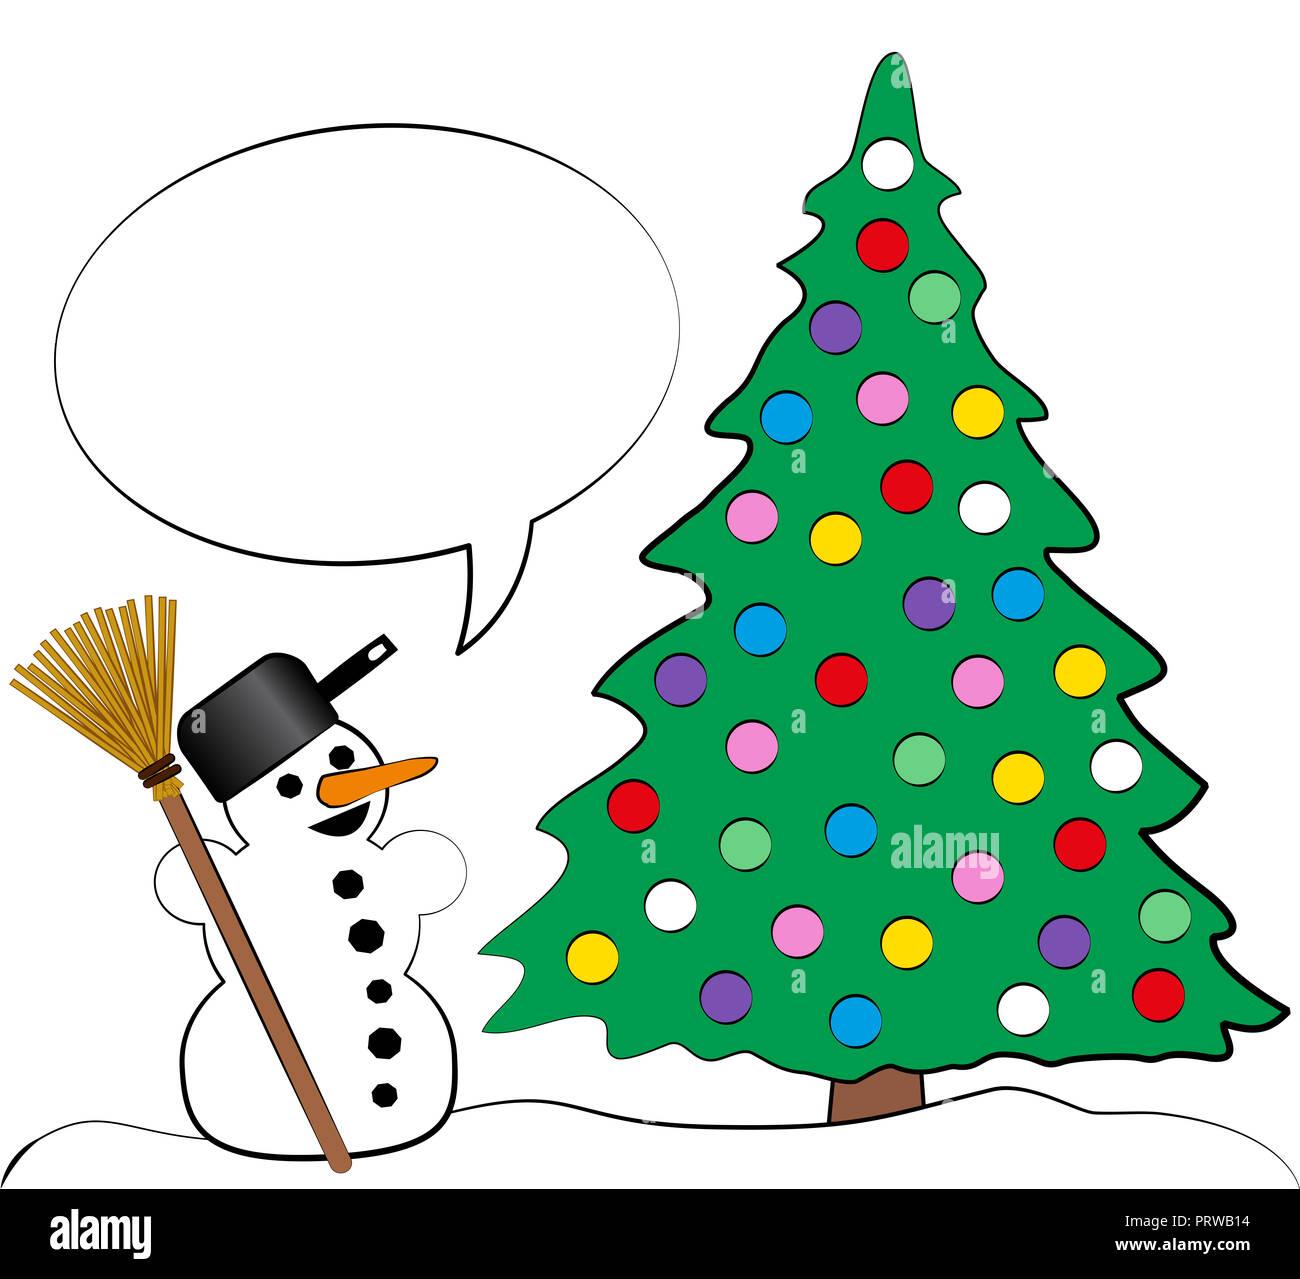 Weihnachtsbaum Comic.Weihnachtsbaum Mit Vielen Bunten Weihnachtskugeln Und Ein